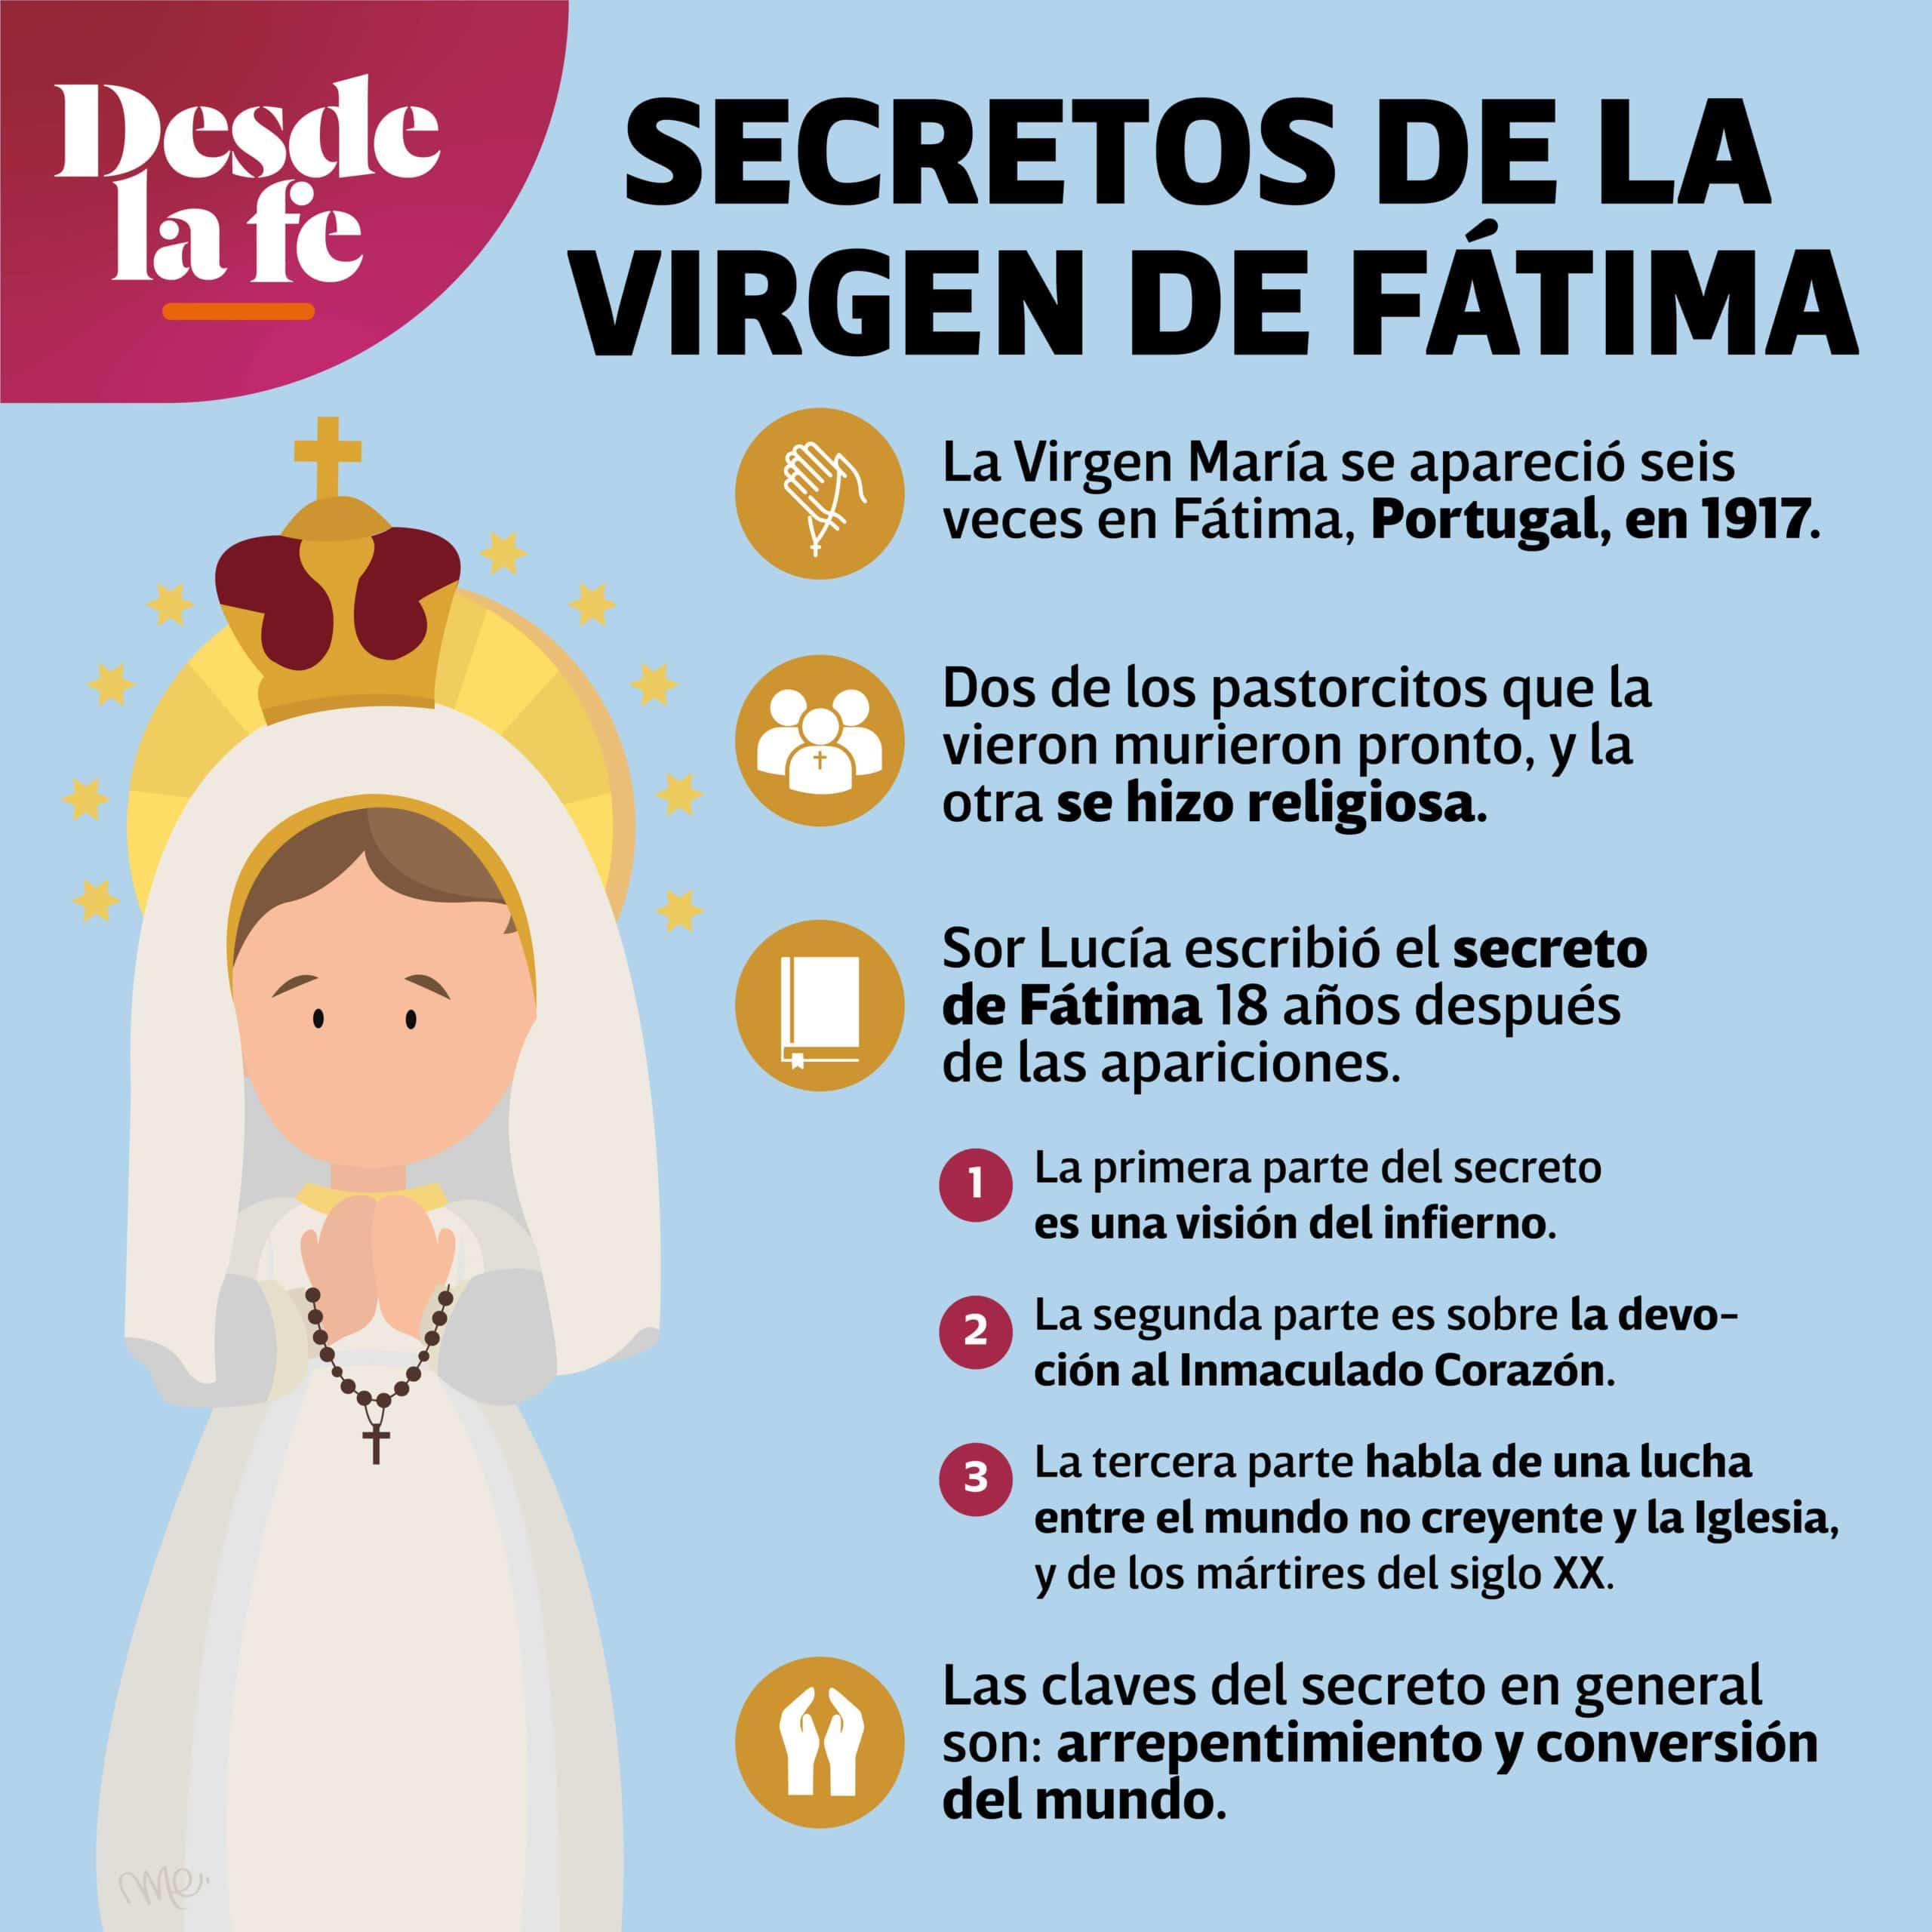 Los secretos de la Virgen de Fátima.